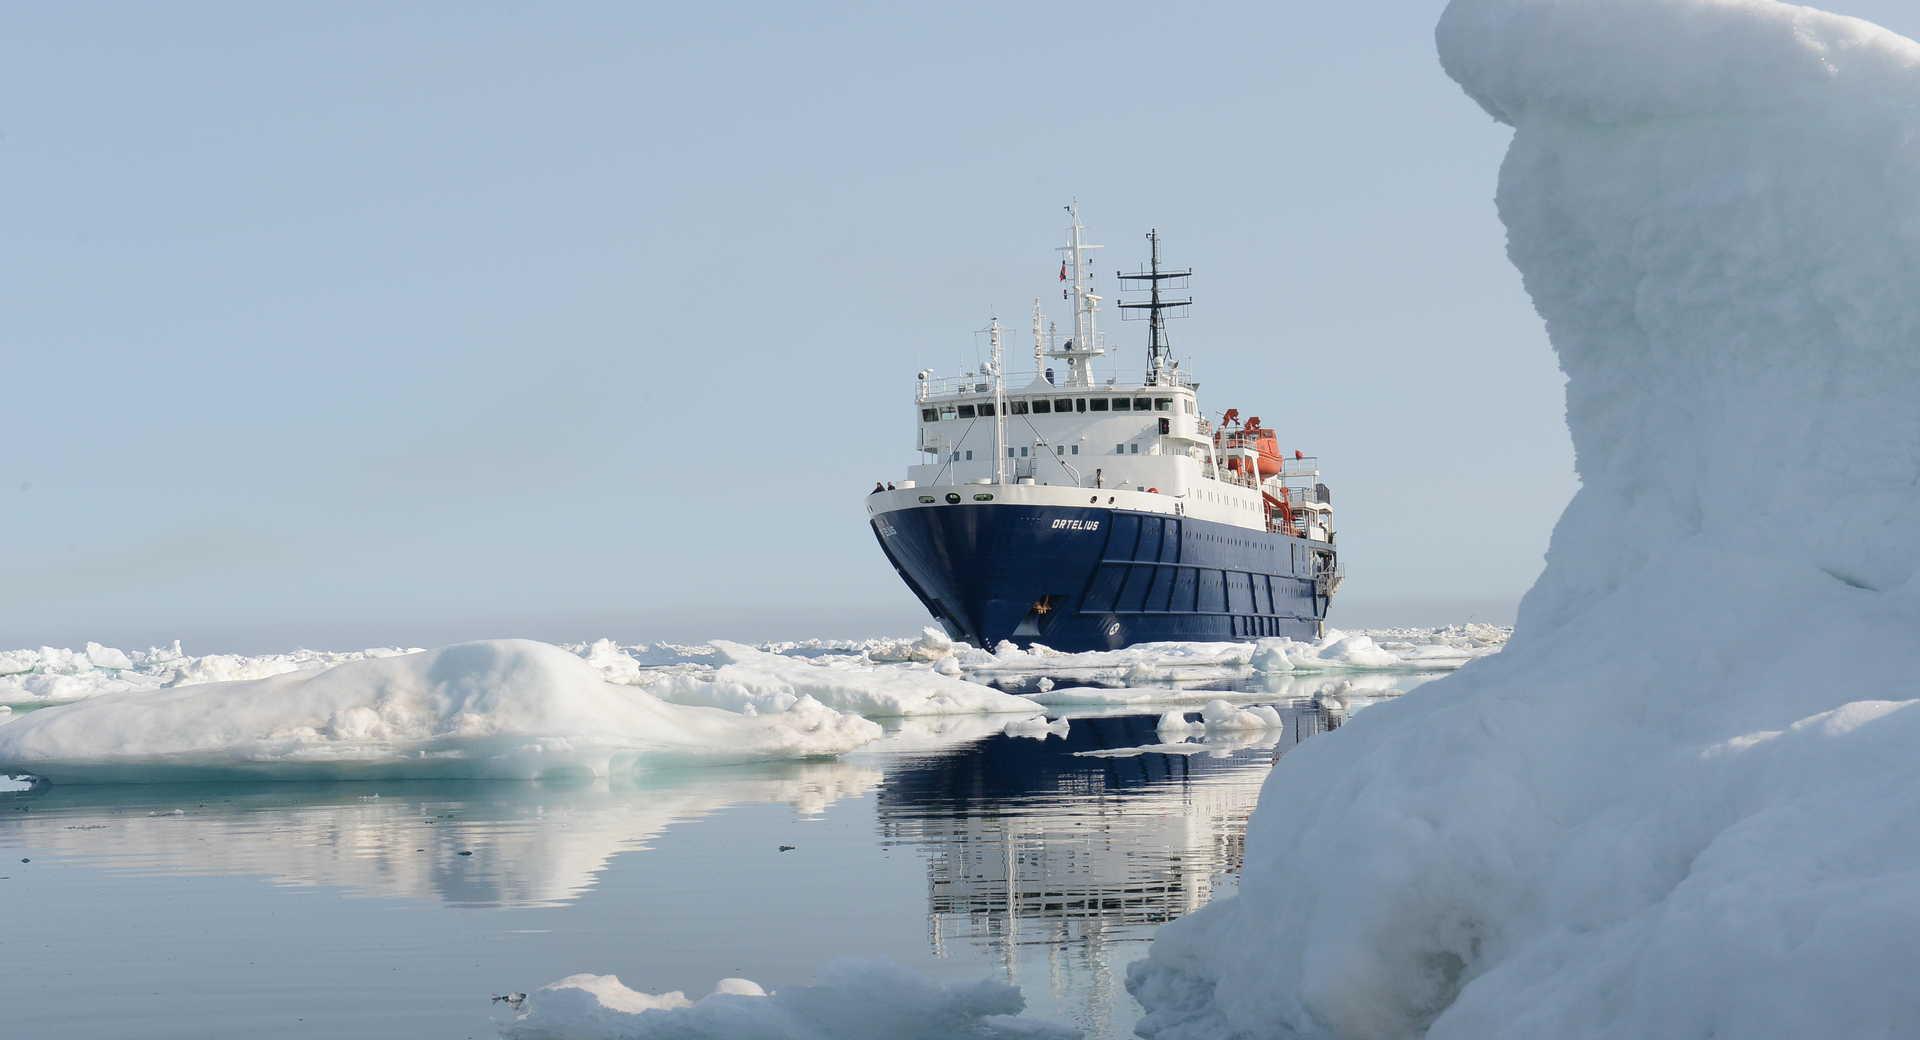 Croisière polaire à bord de l'Ortelius